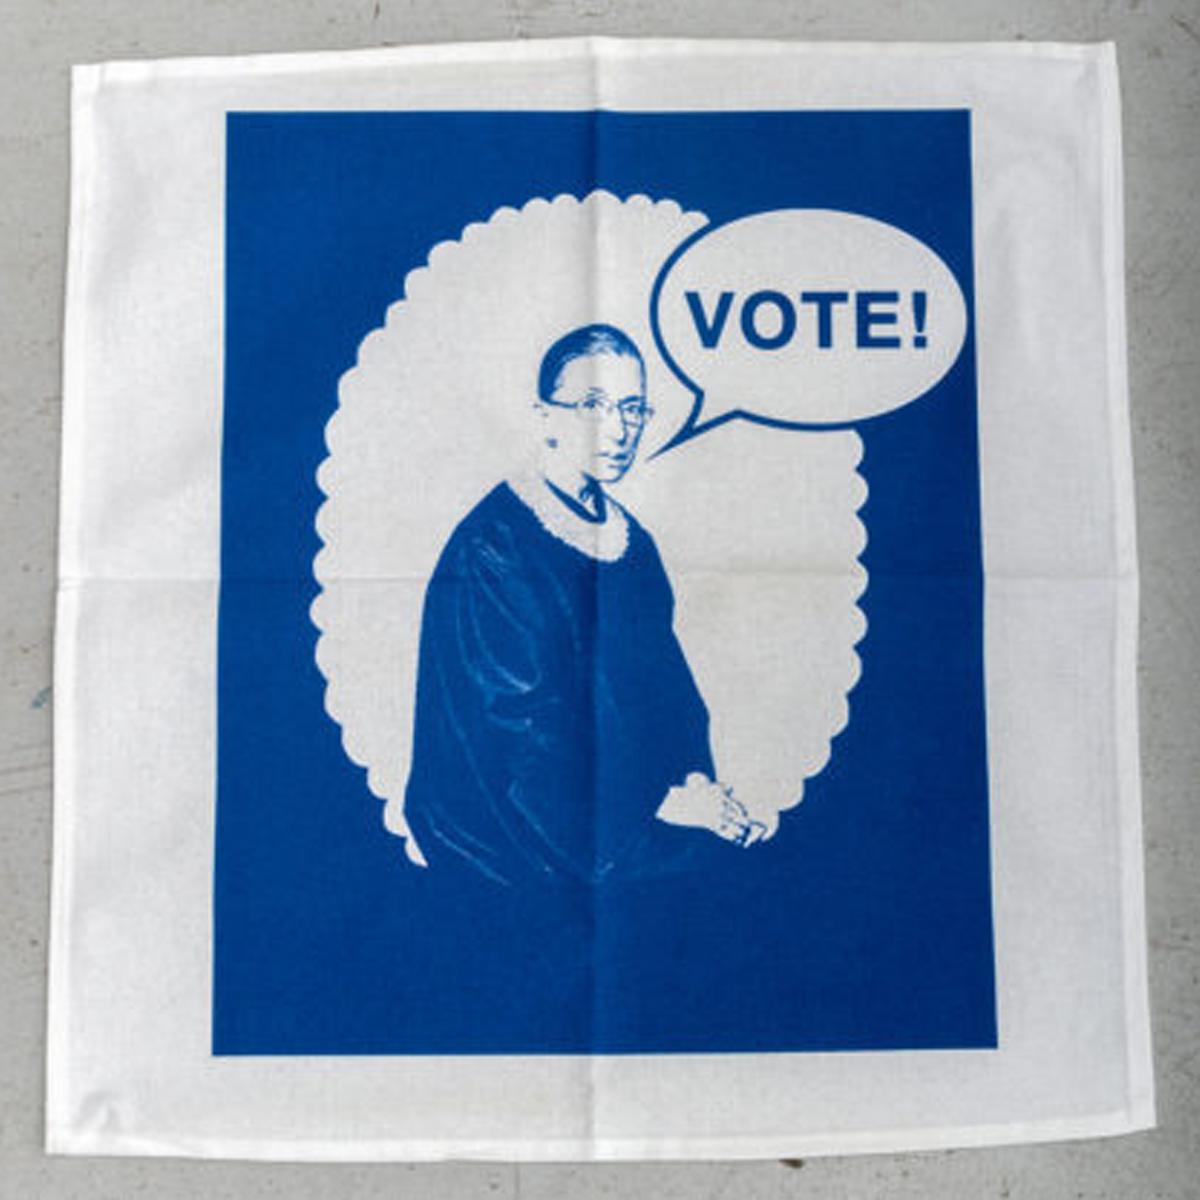 VG_vote2.jpg